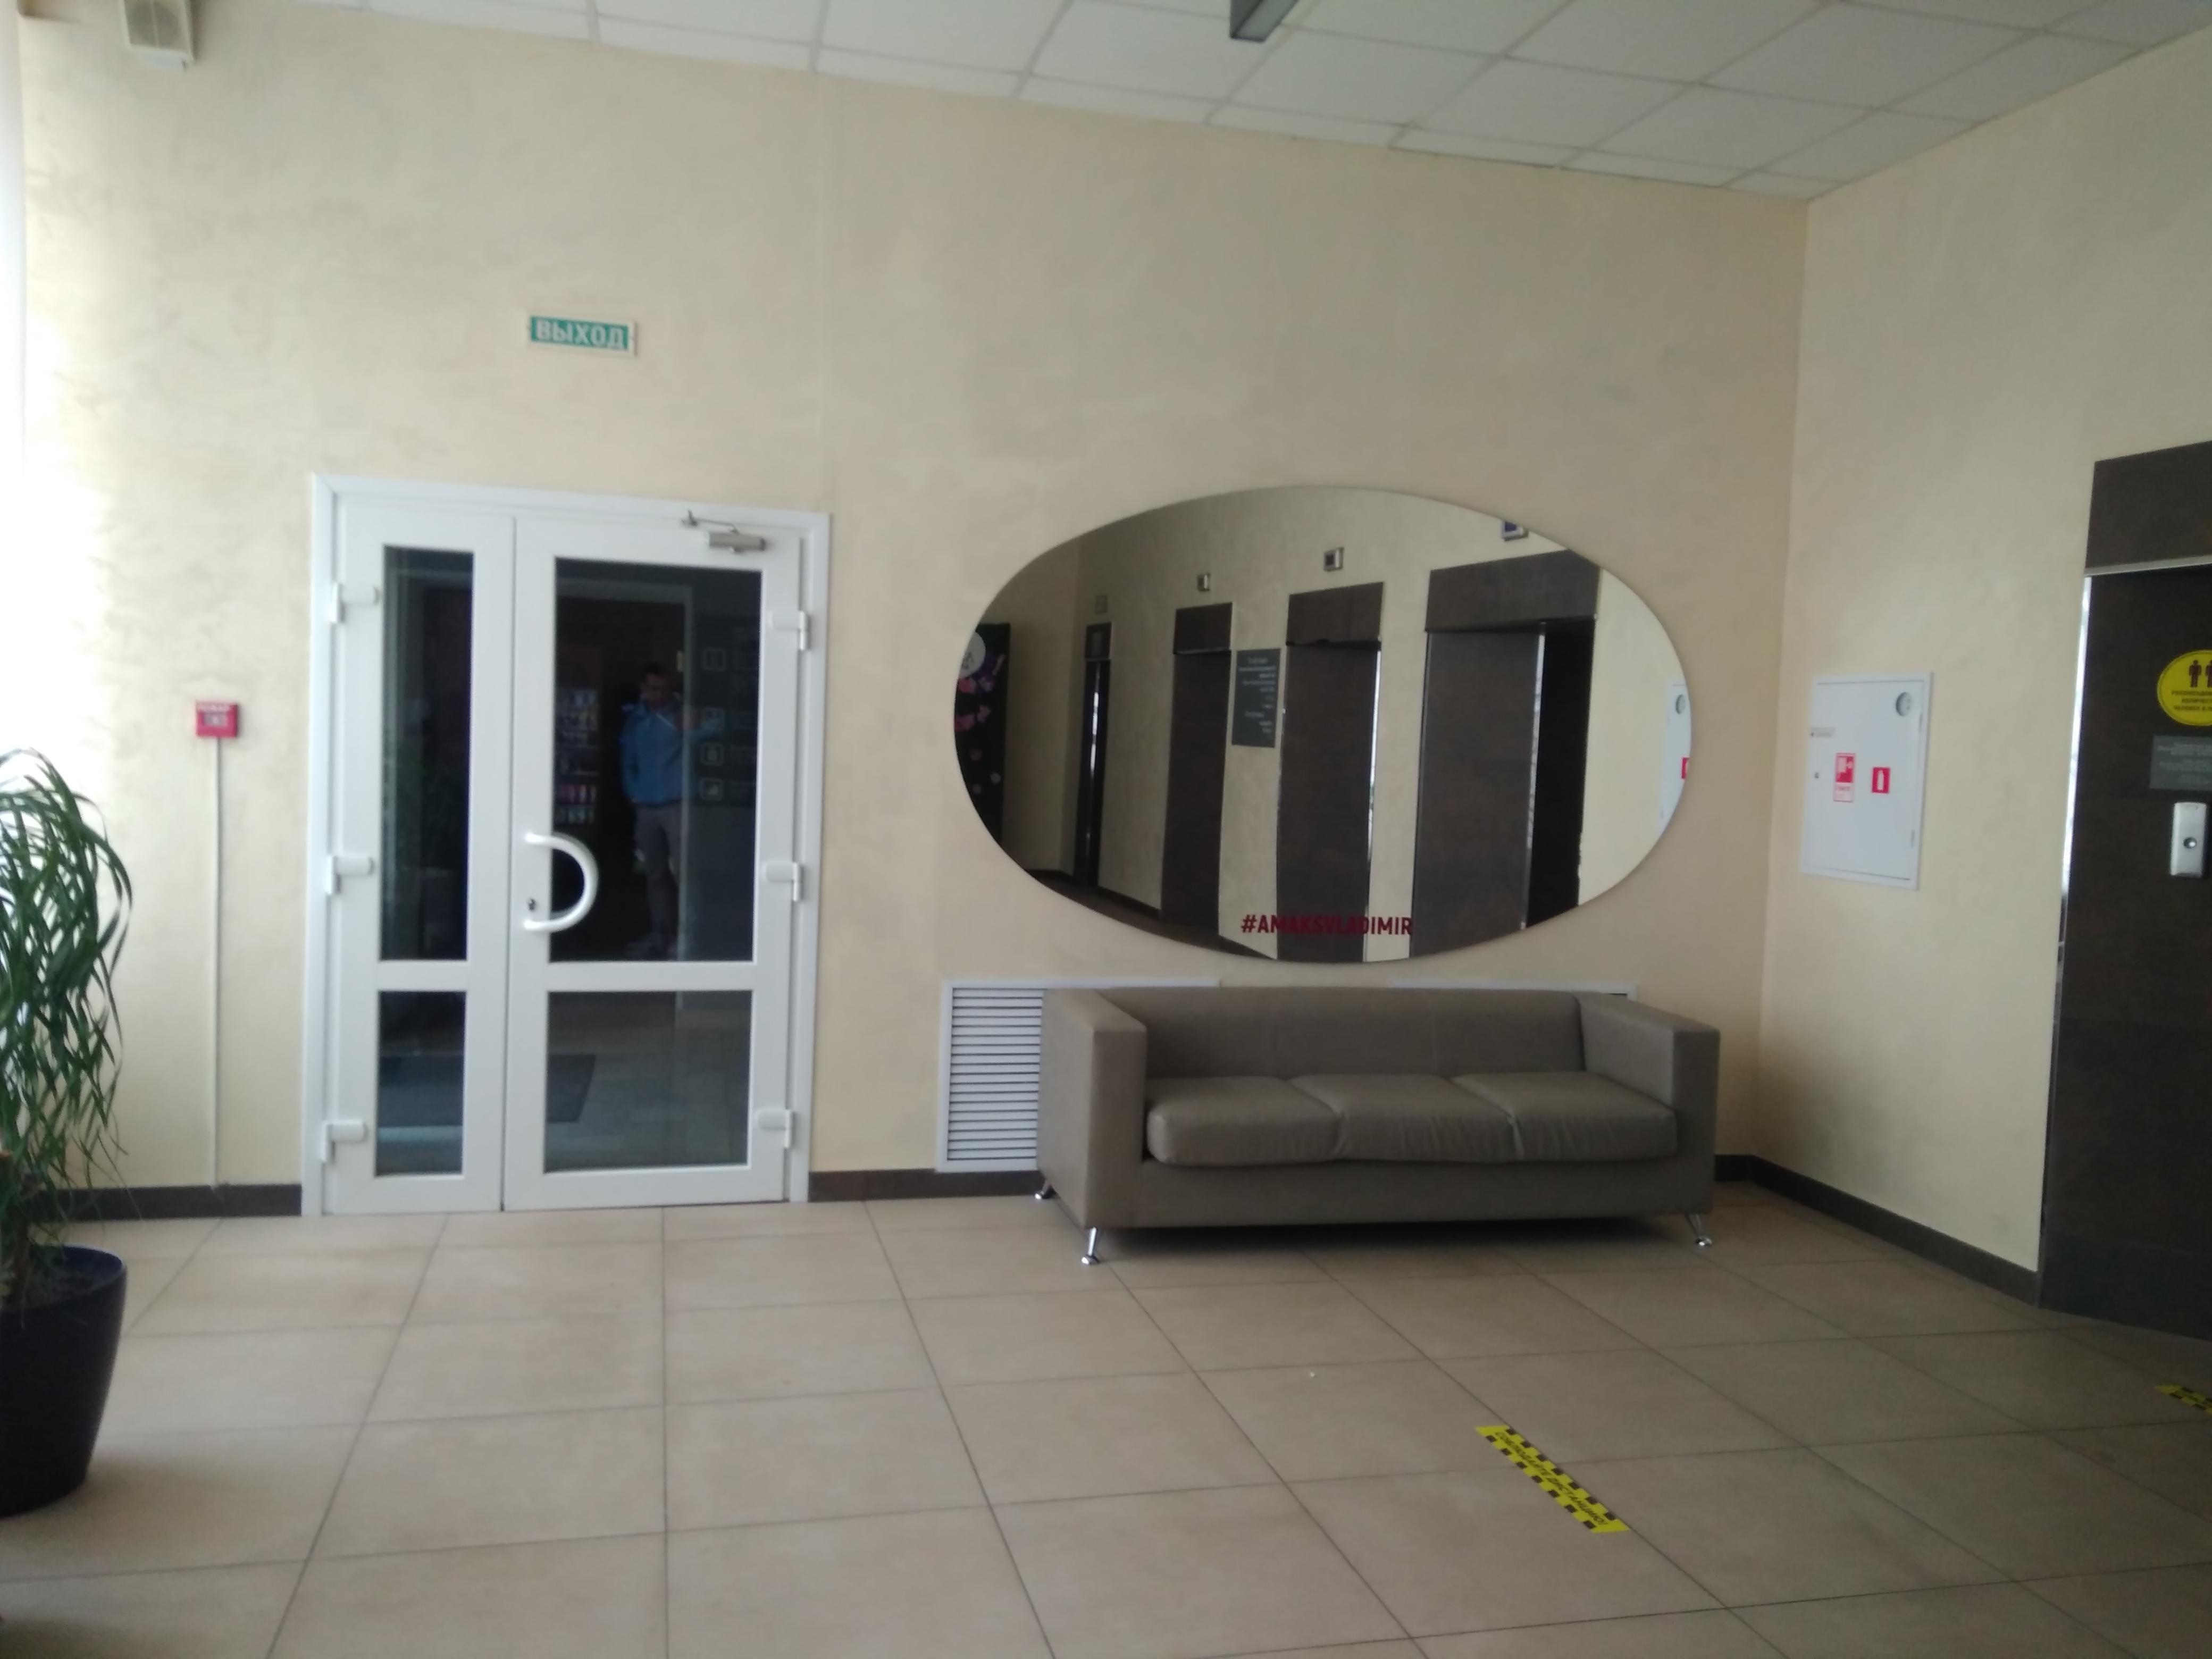 АМАКС Золотое кольцо, гостинично-развлекательный комплекс - №10